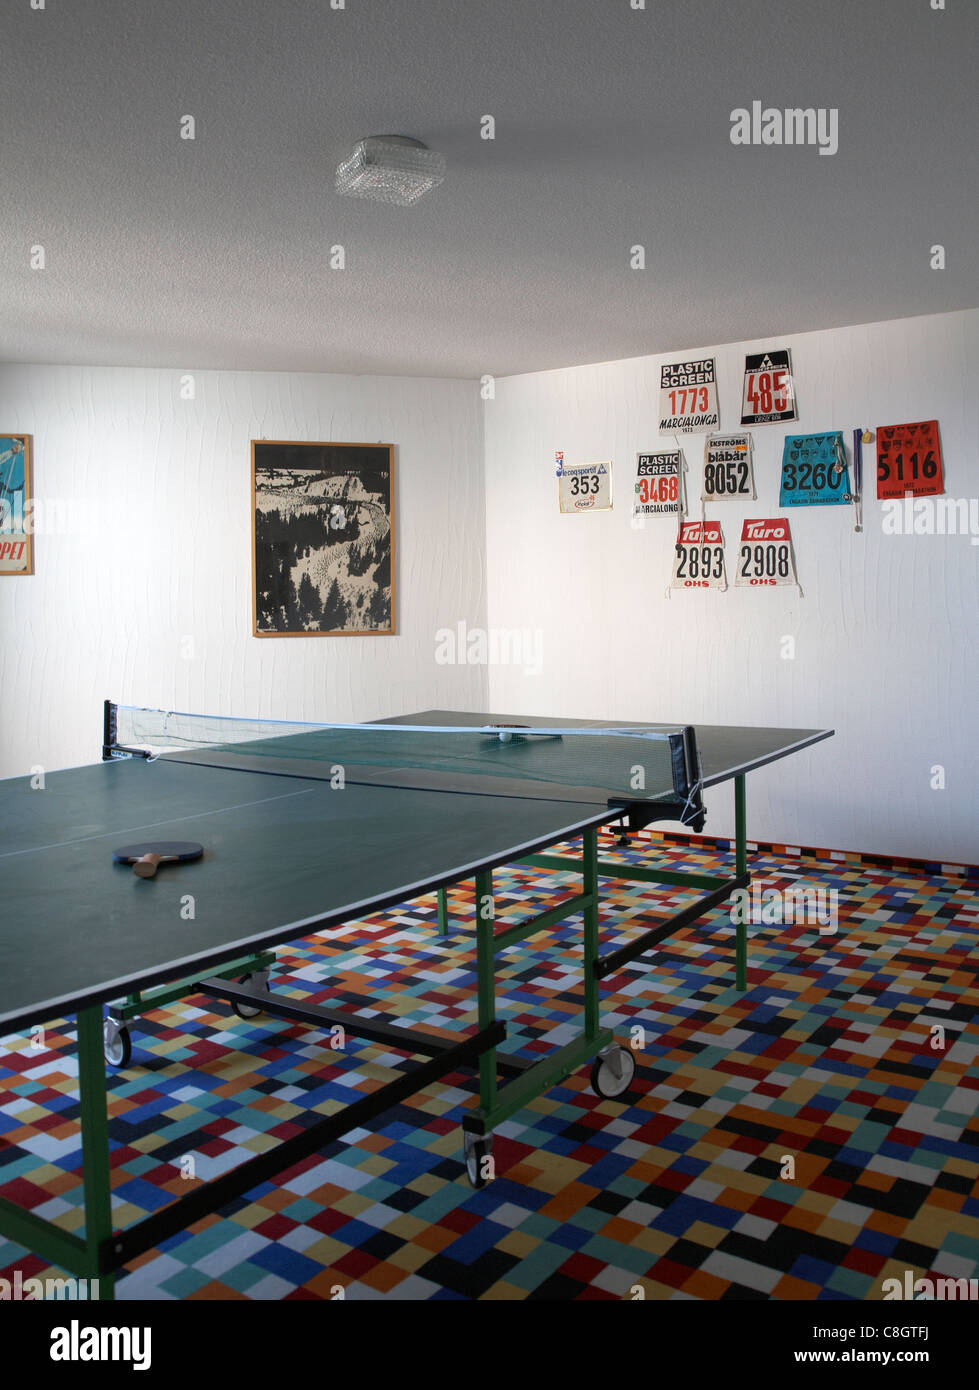 Intérieur avec une table de ping-pong avec des raquettes Photo Stock